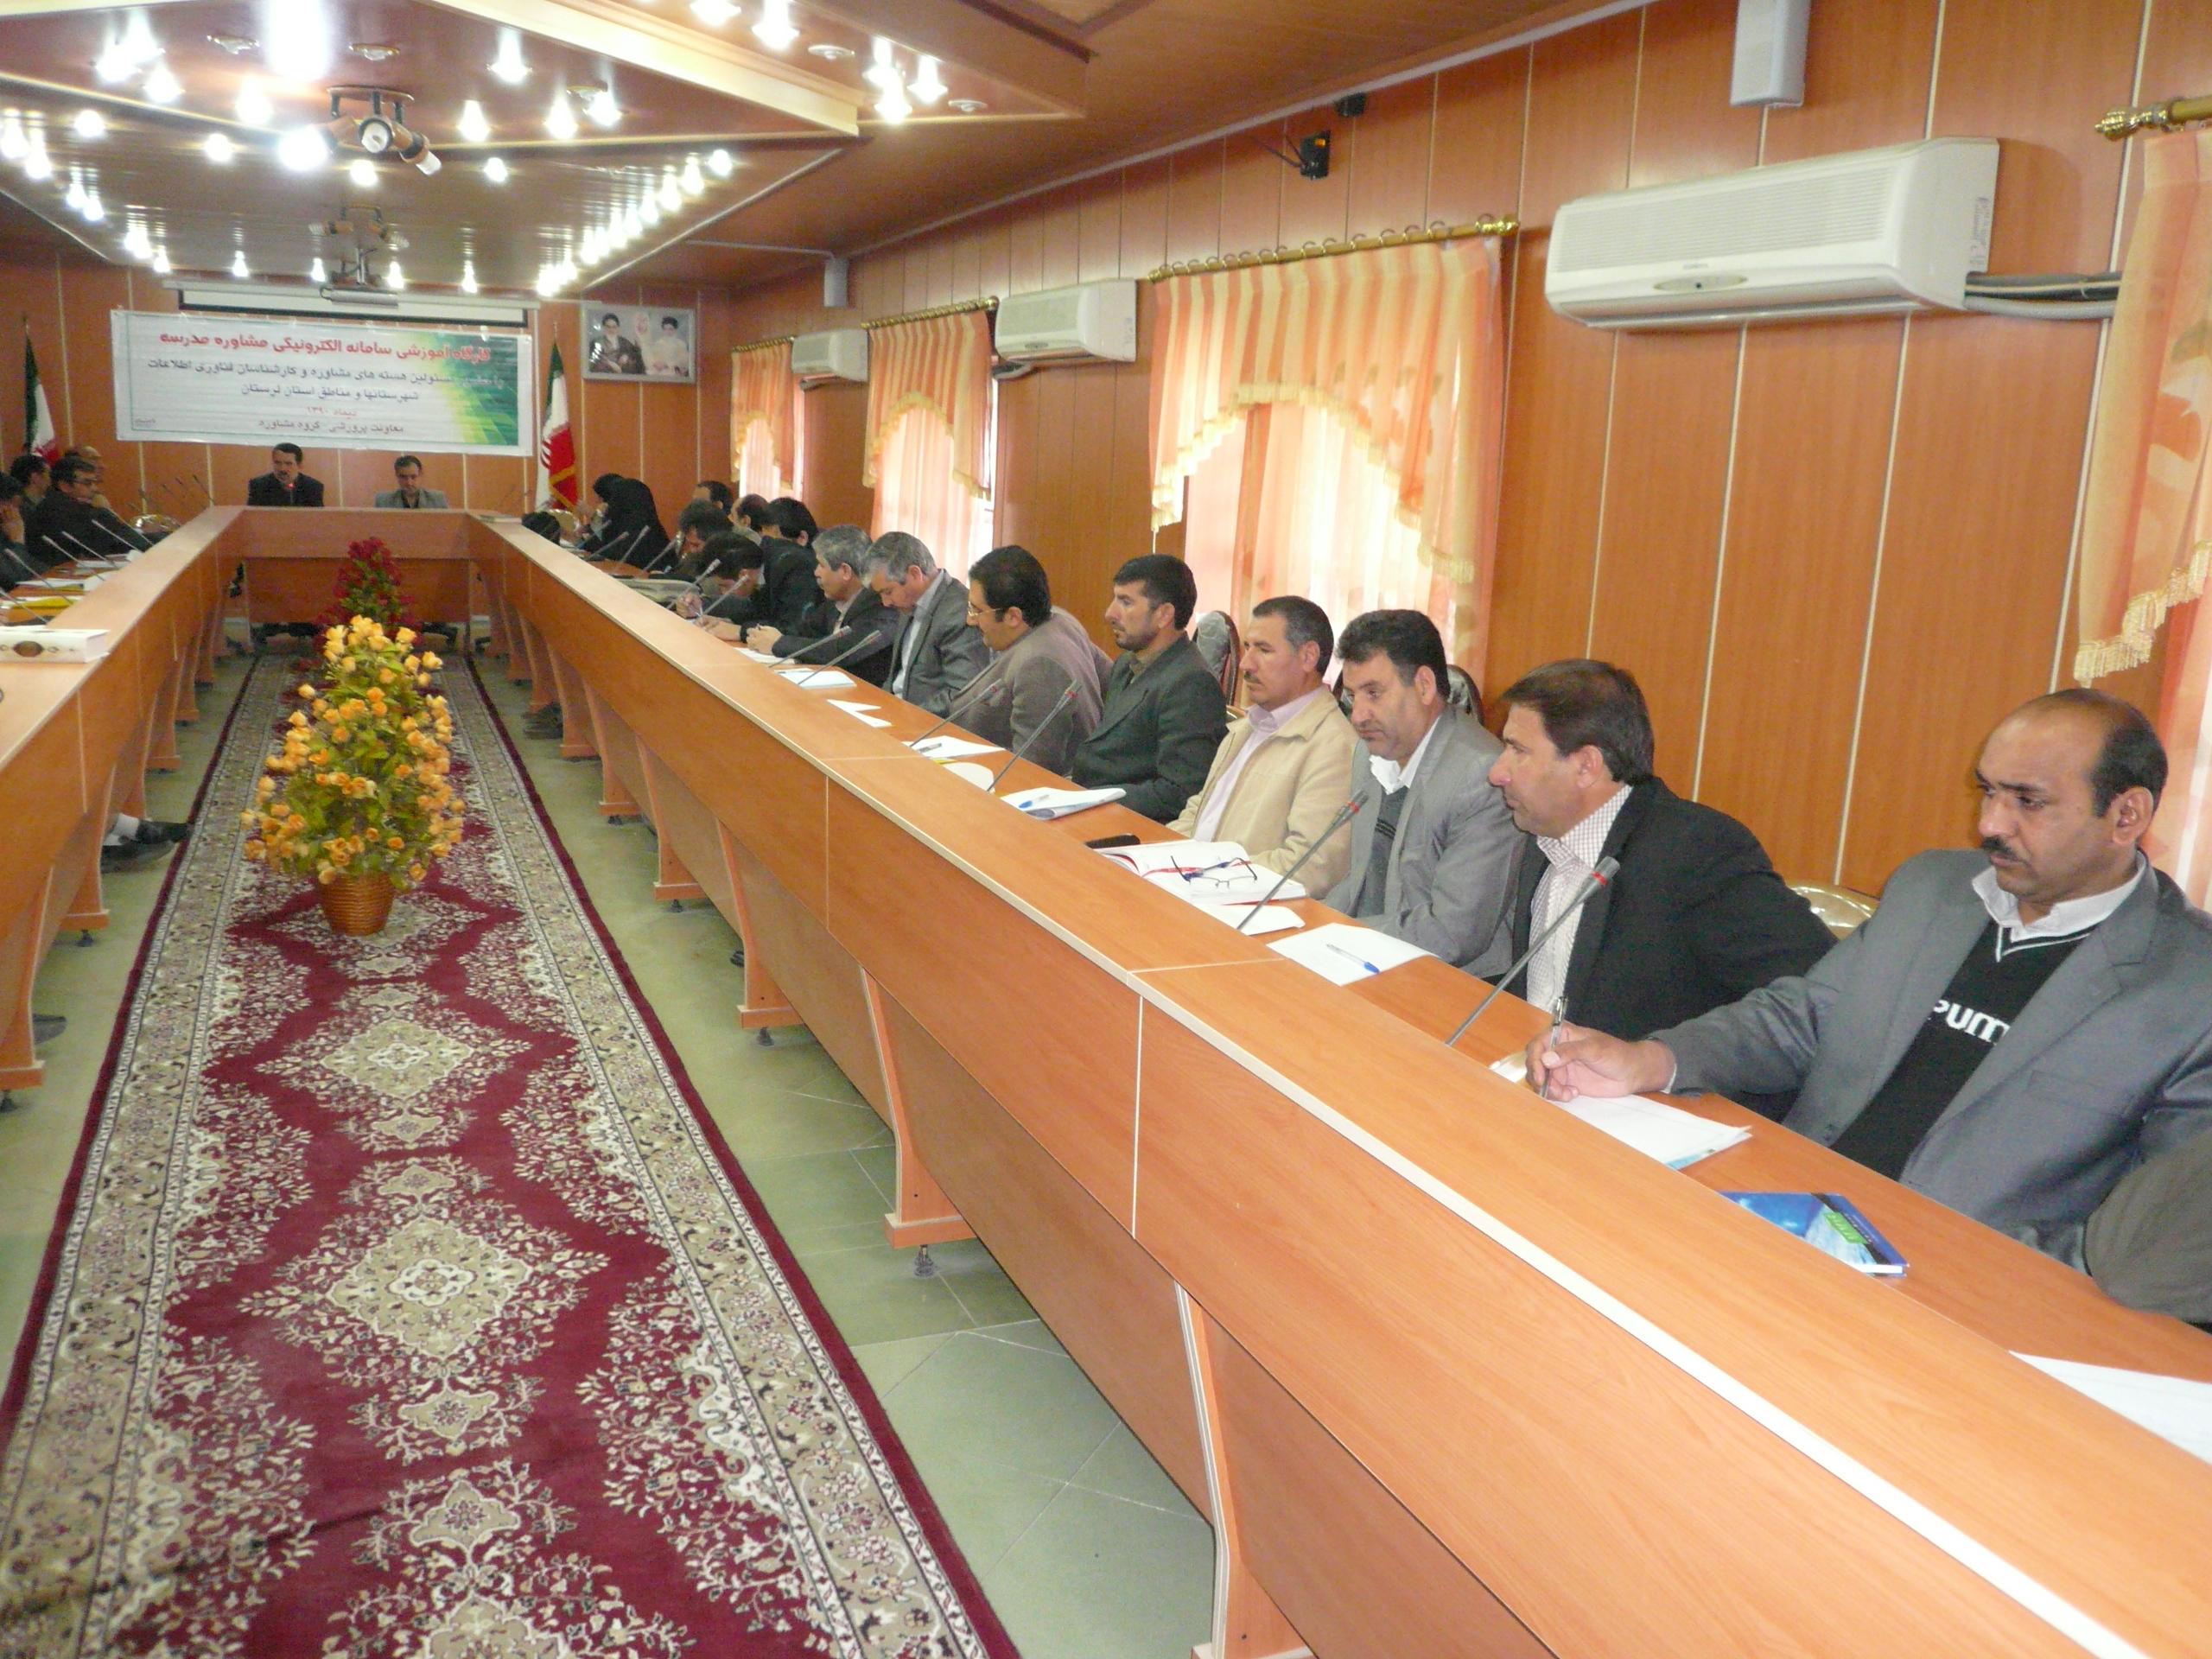 گردهمایی سامانه الکترونیکی پرونده مشاوره استان لرستان